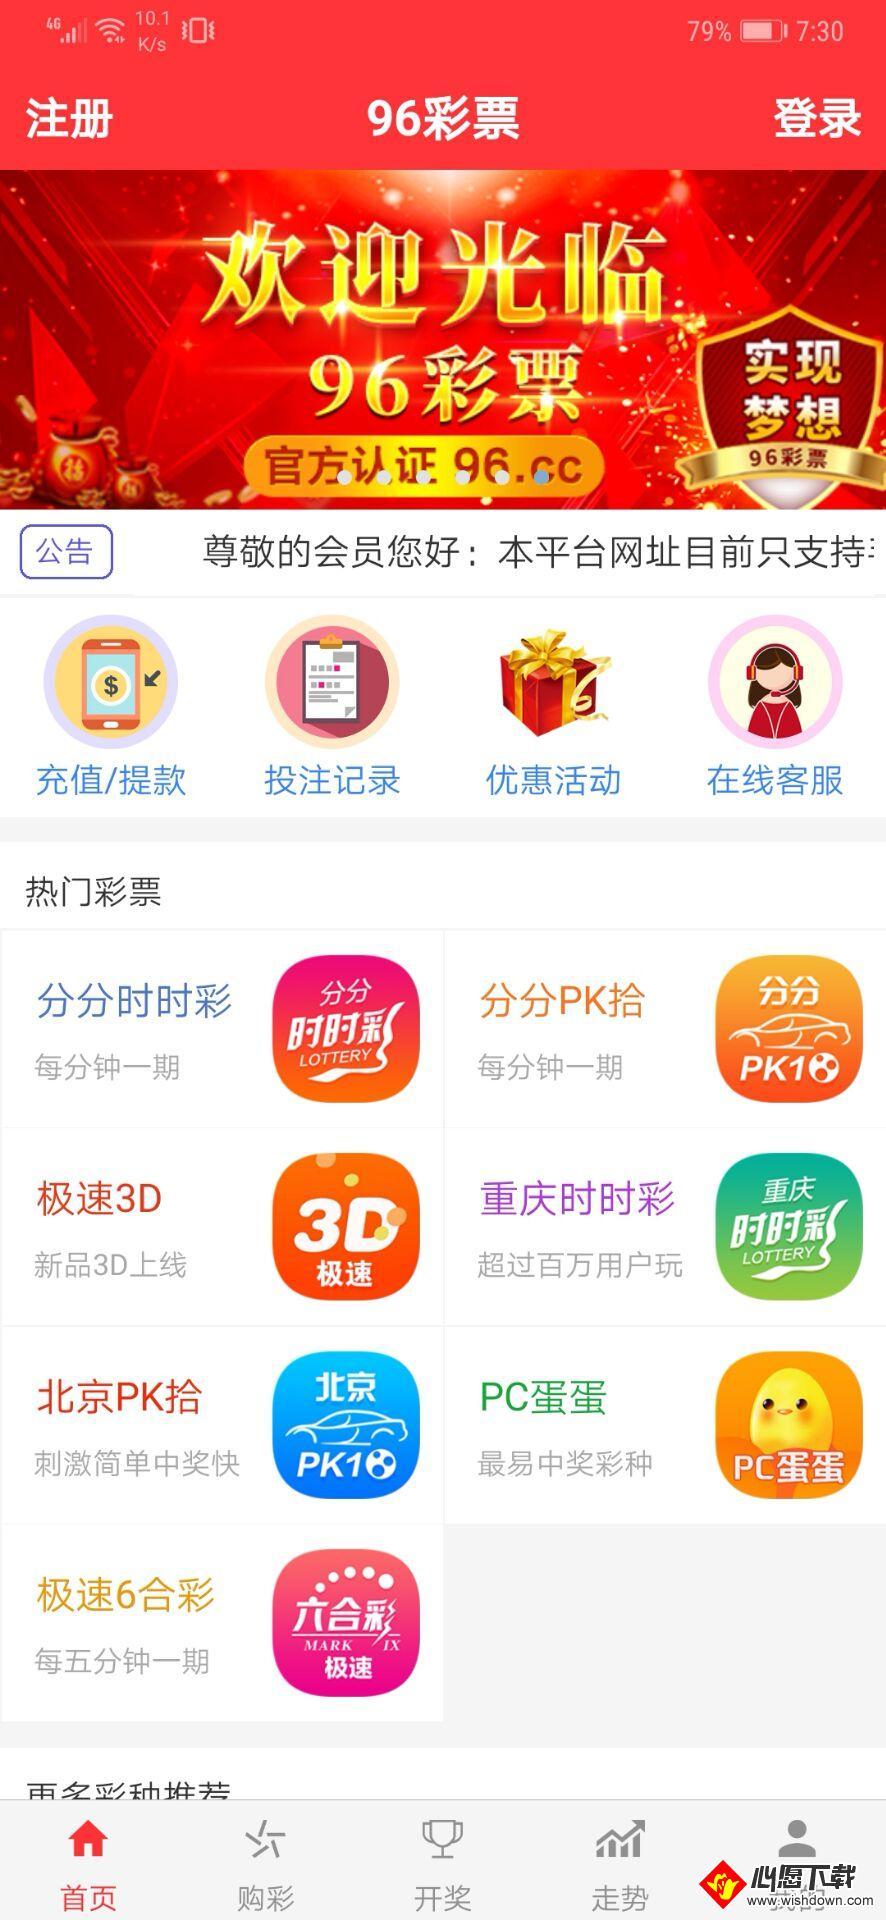 最好用的手机买彩票软件原创推荐(第1图) - 心愿下载